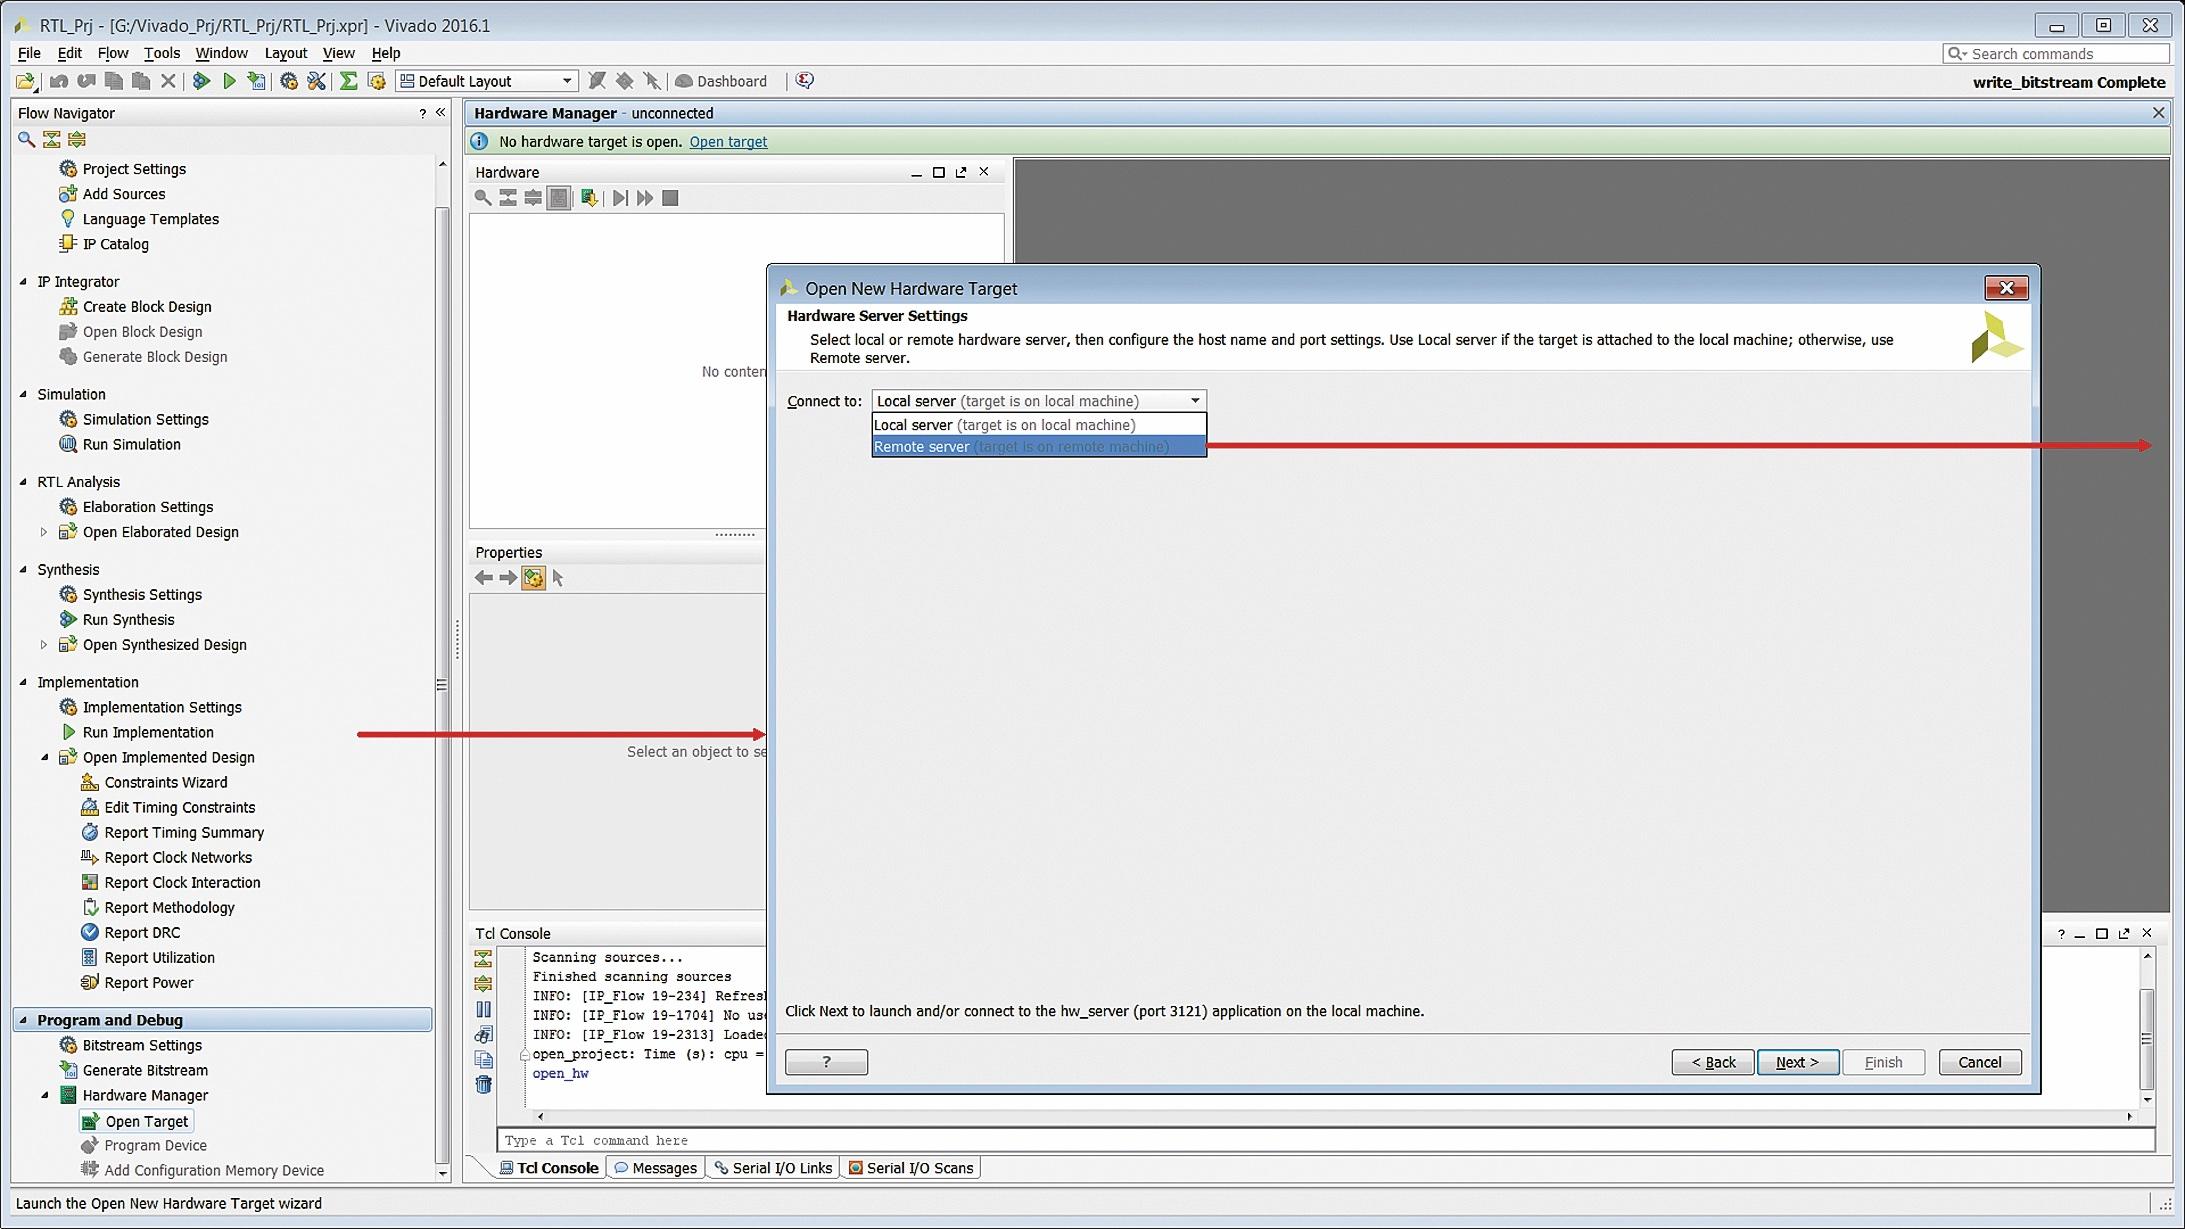 Выбор типа сервера для подключения оборудования, применяемого для загрузки конфигурационной последовательности